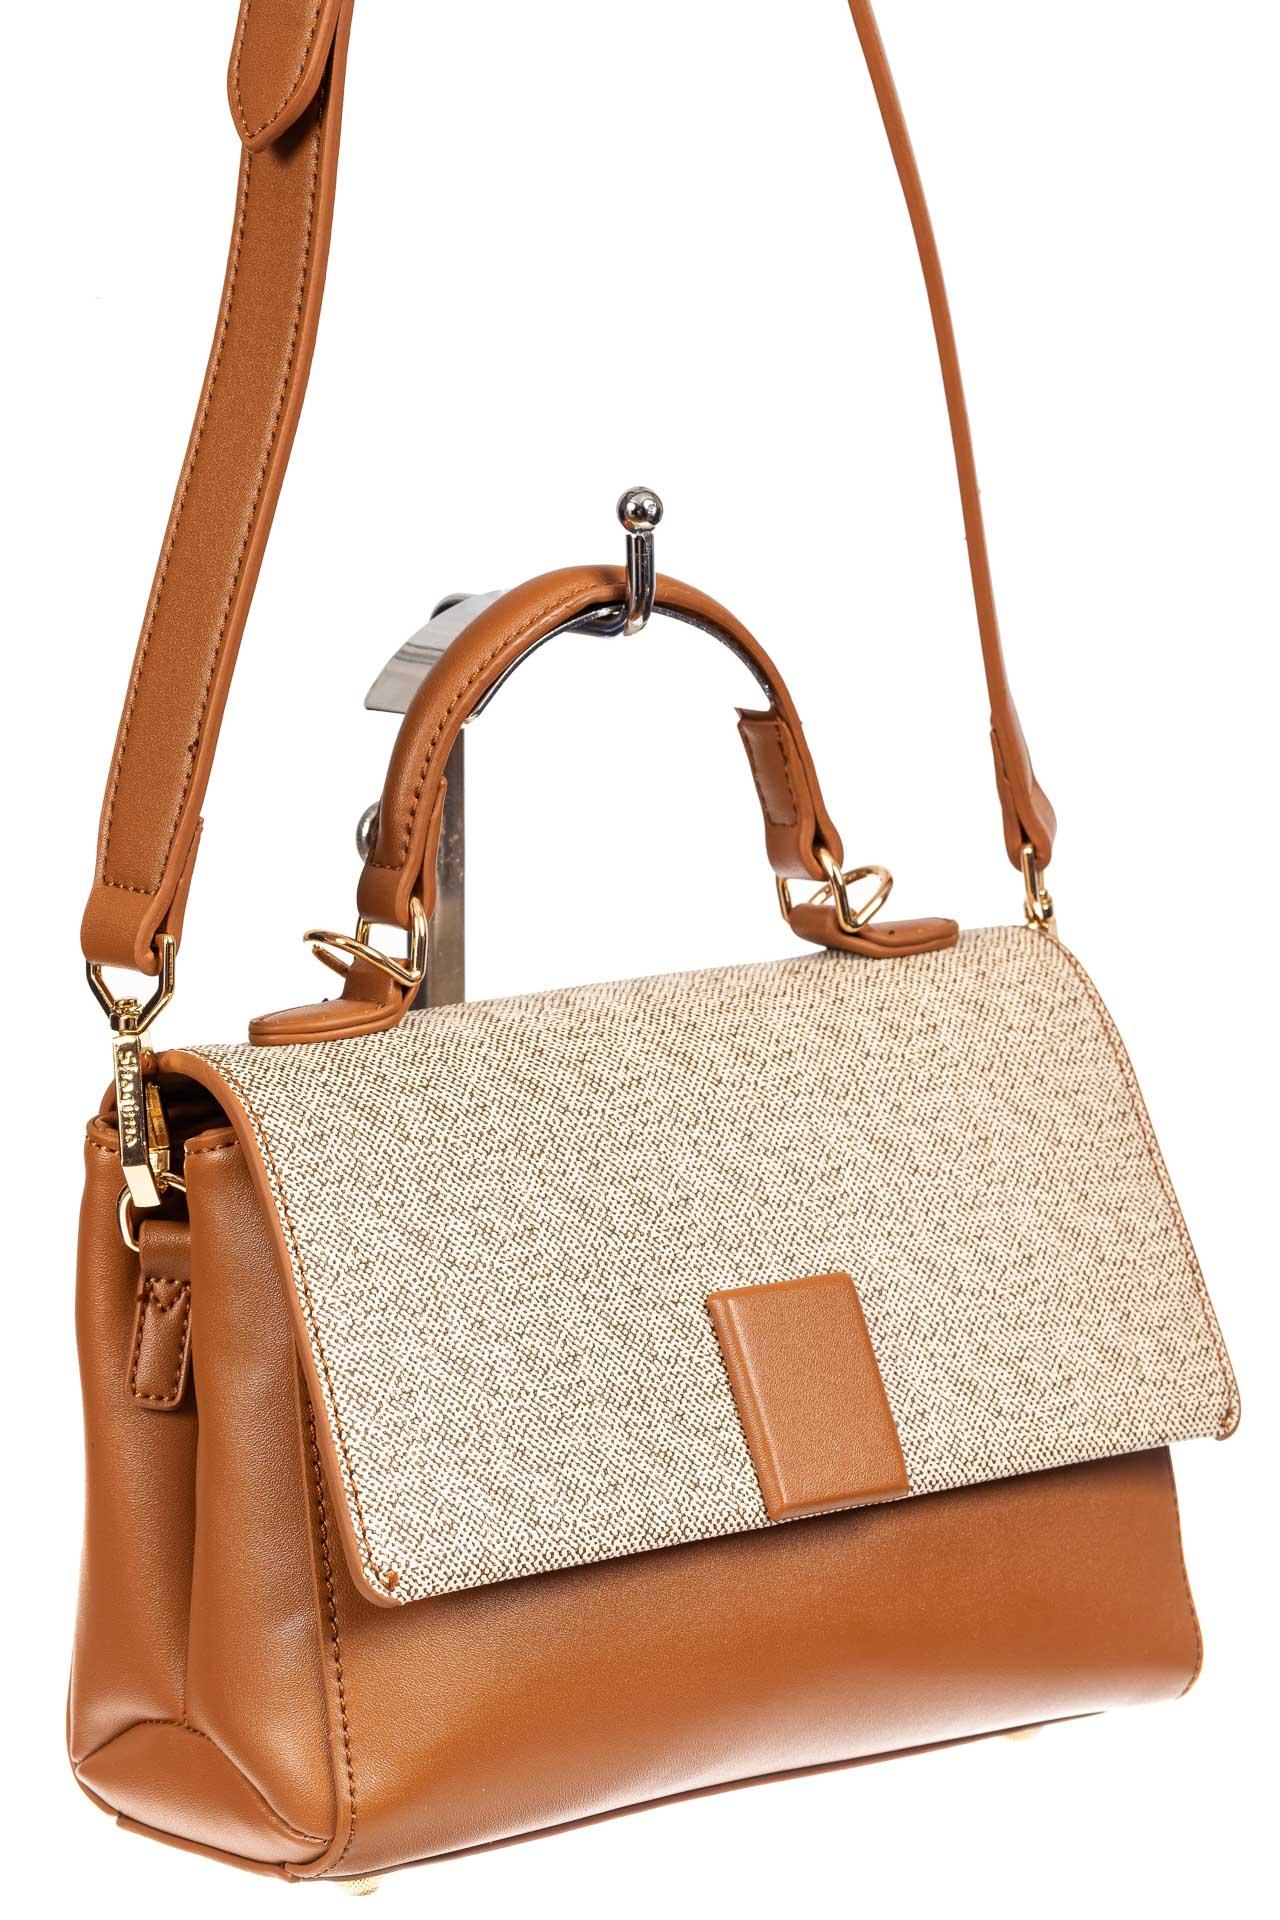 Небольшая сумка-портфель из искусственной кожи, цвет рыжий22046PJ0420/5